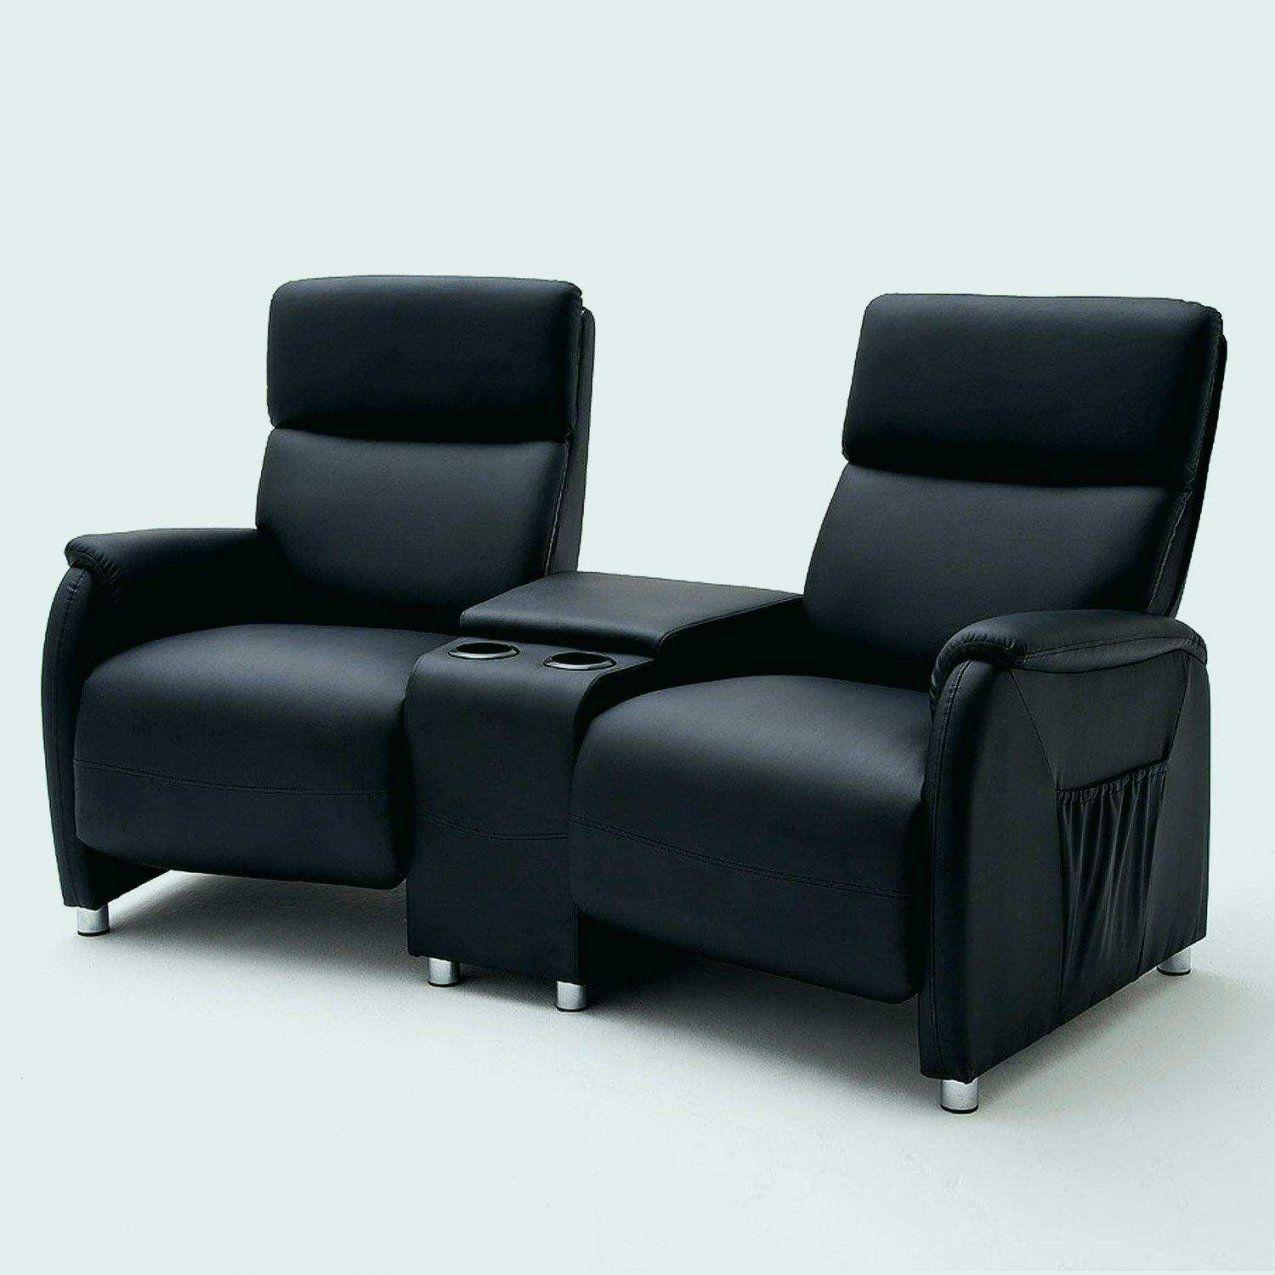 2 Sitzer Sofa Poco Fresh Vidaxl Fernsehsesselsessel Heimkino von 2 Sitzer Sofa Poco Bild